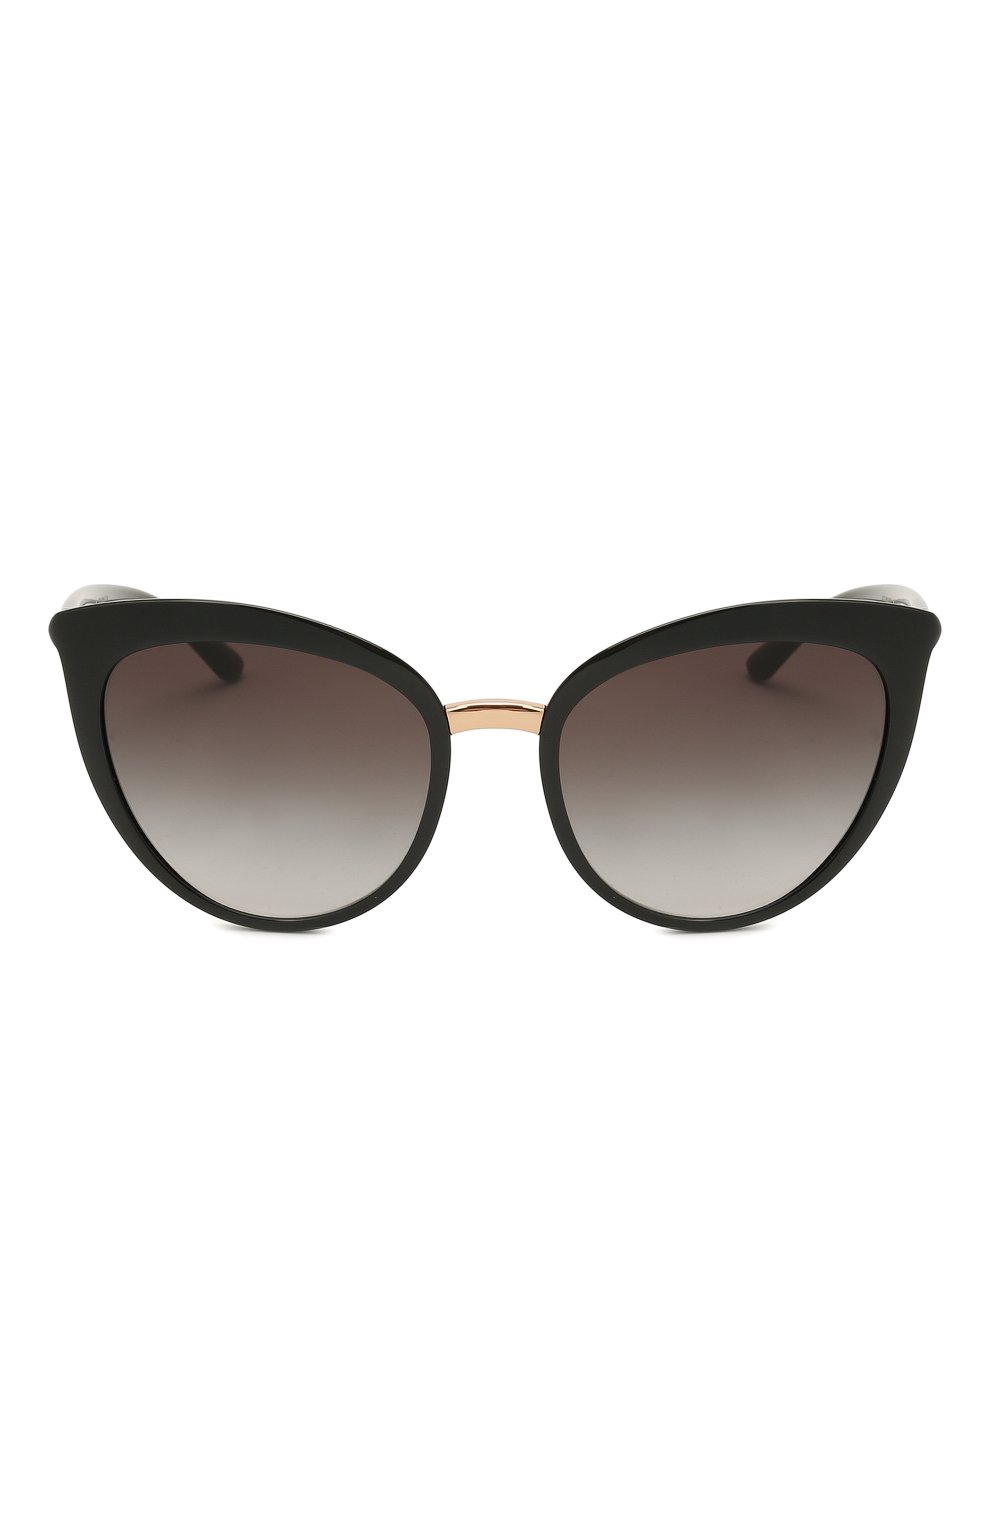 Женские солнцезащитные очки DOLCE & GABBANA черного цвета, арт. 6113-501/8G   Фото 3